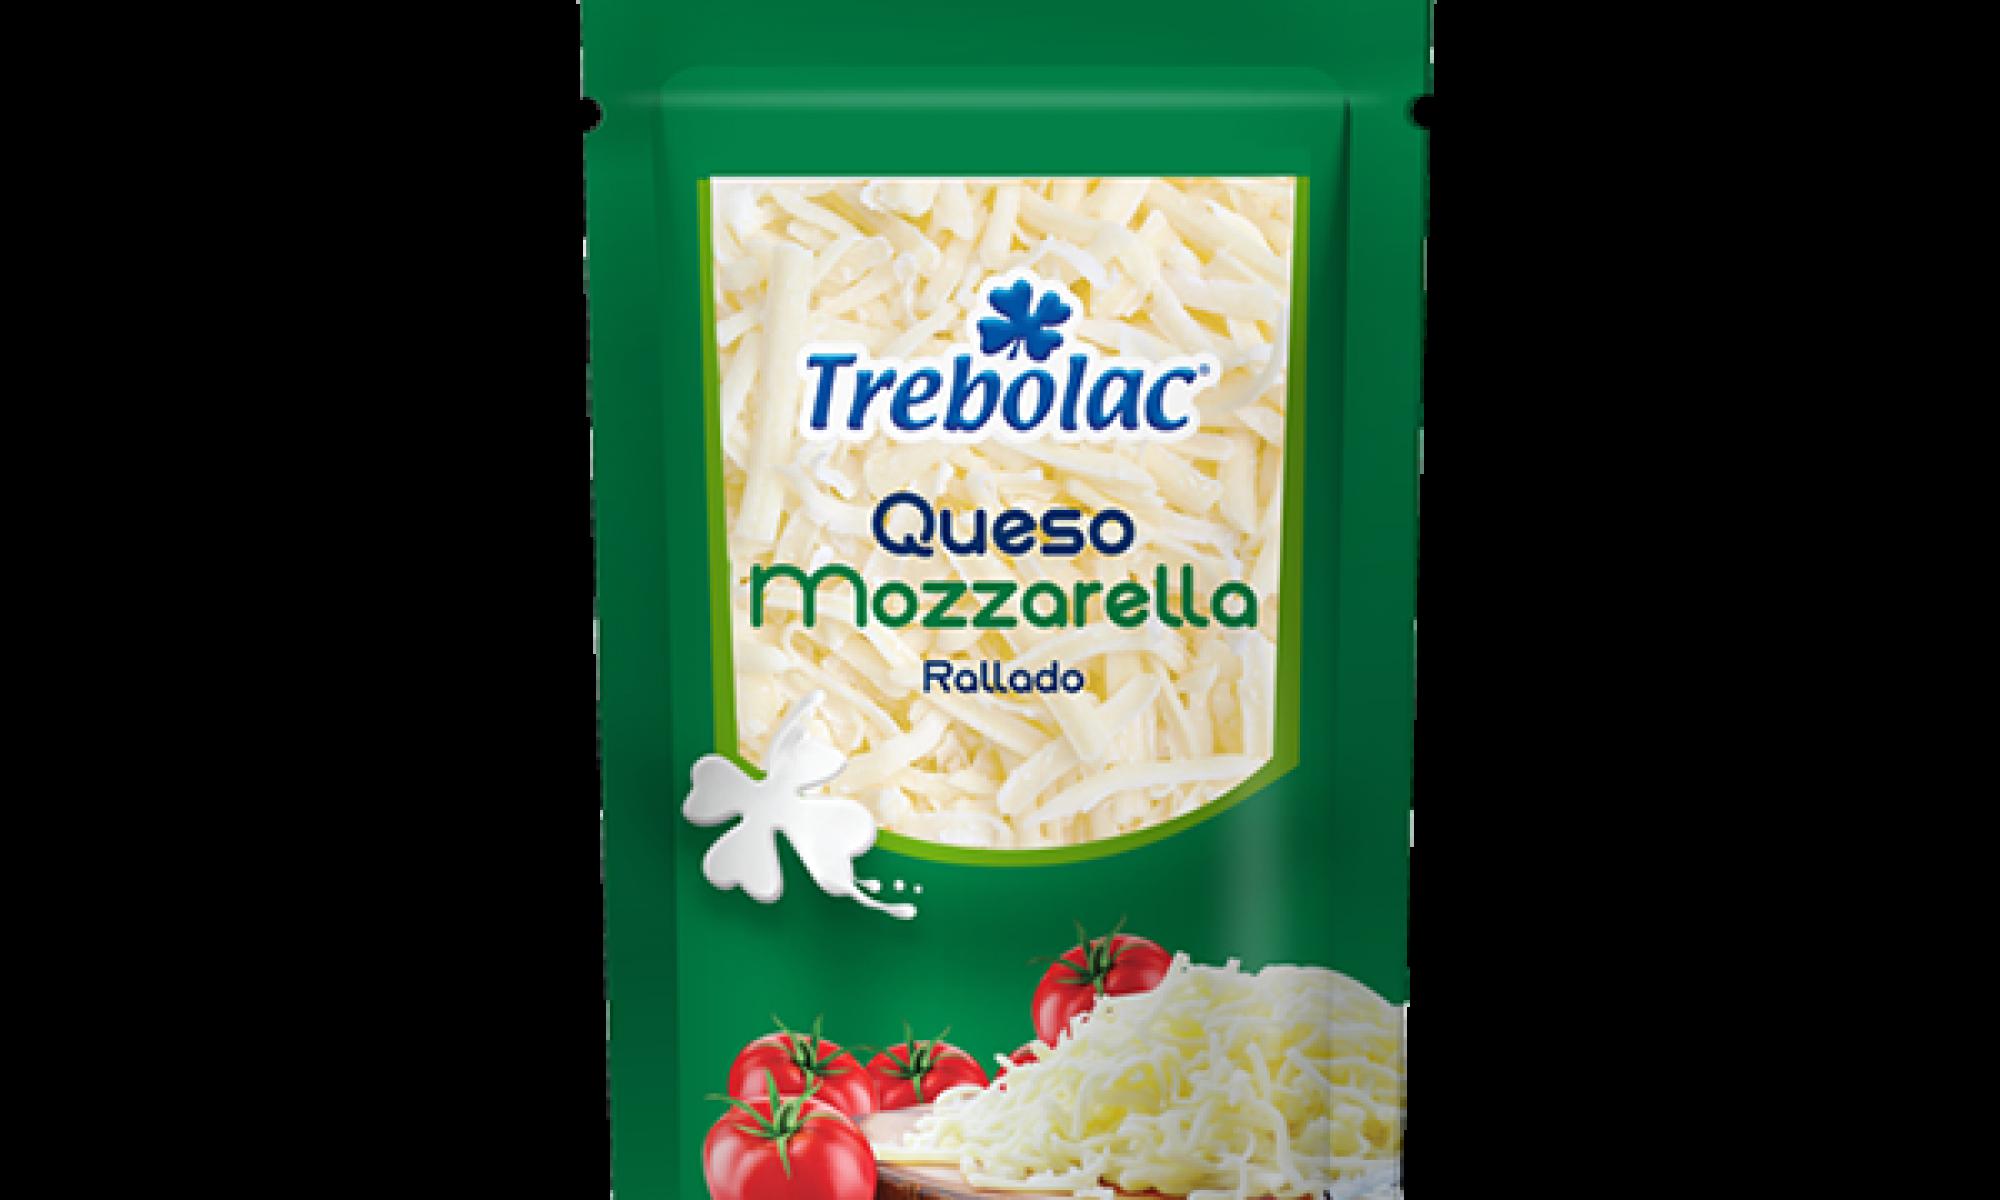 Queso Mozzarella Trebolac 400 g